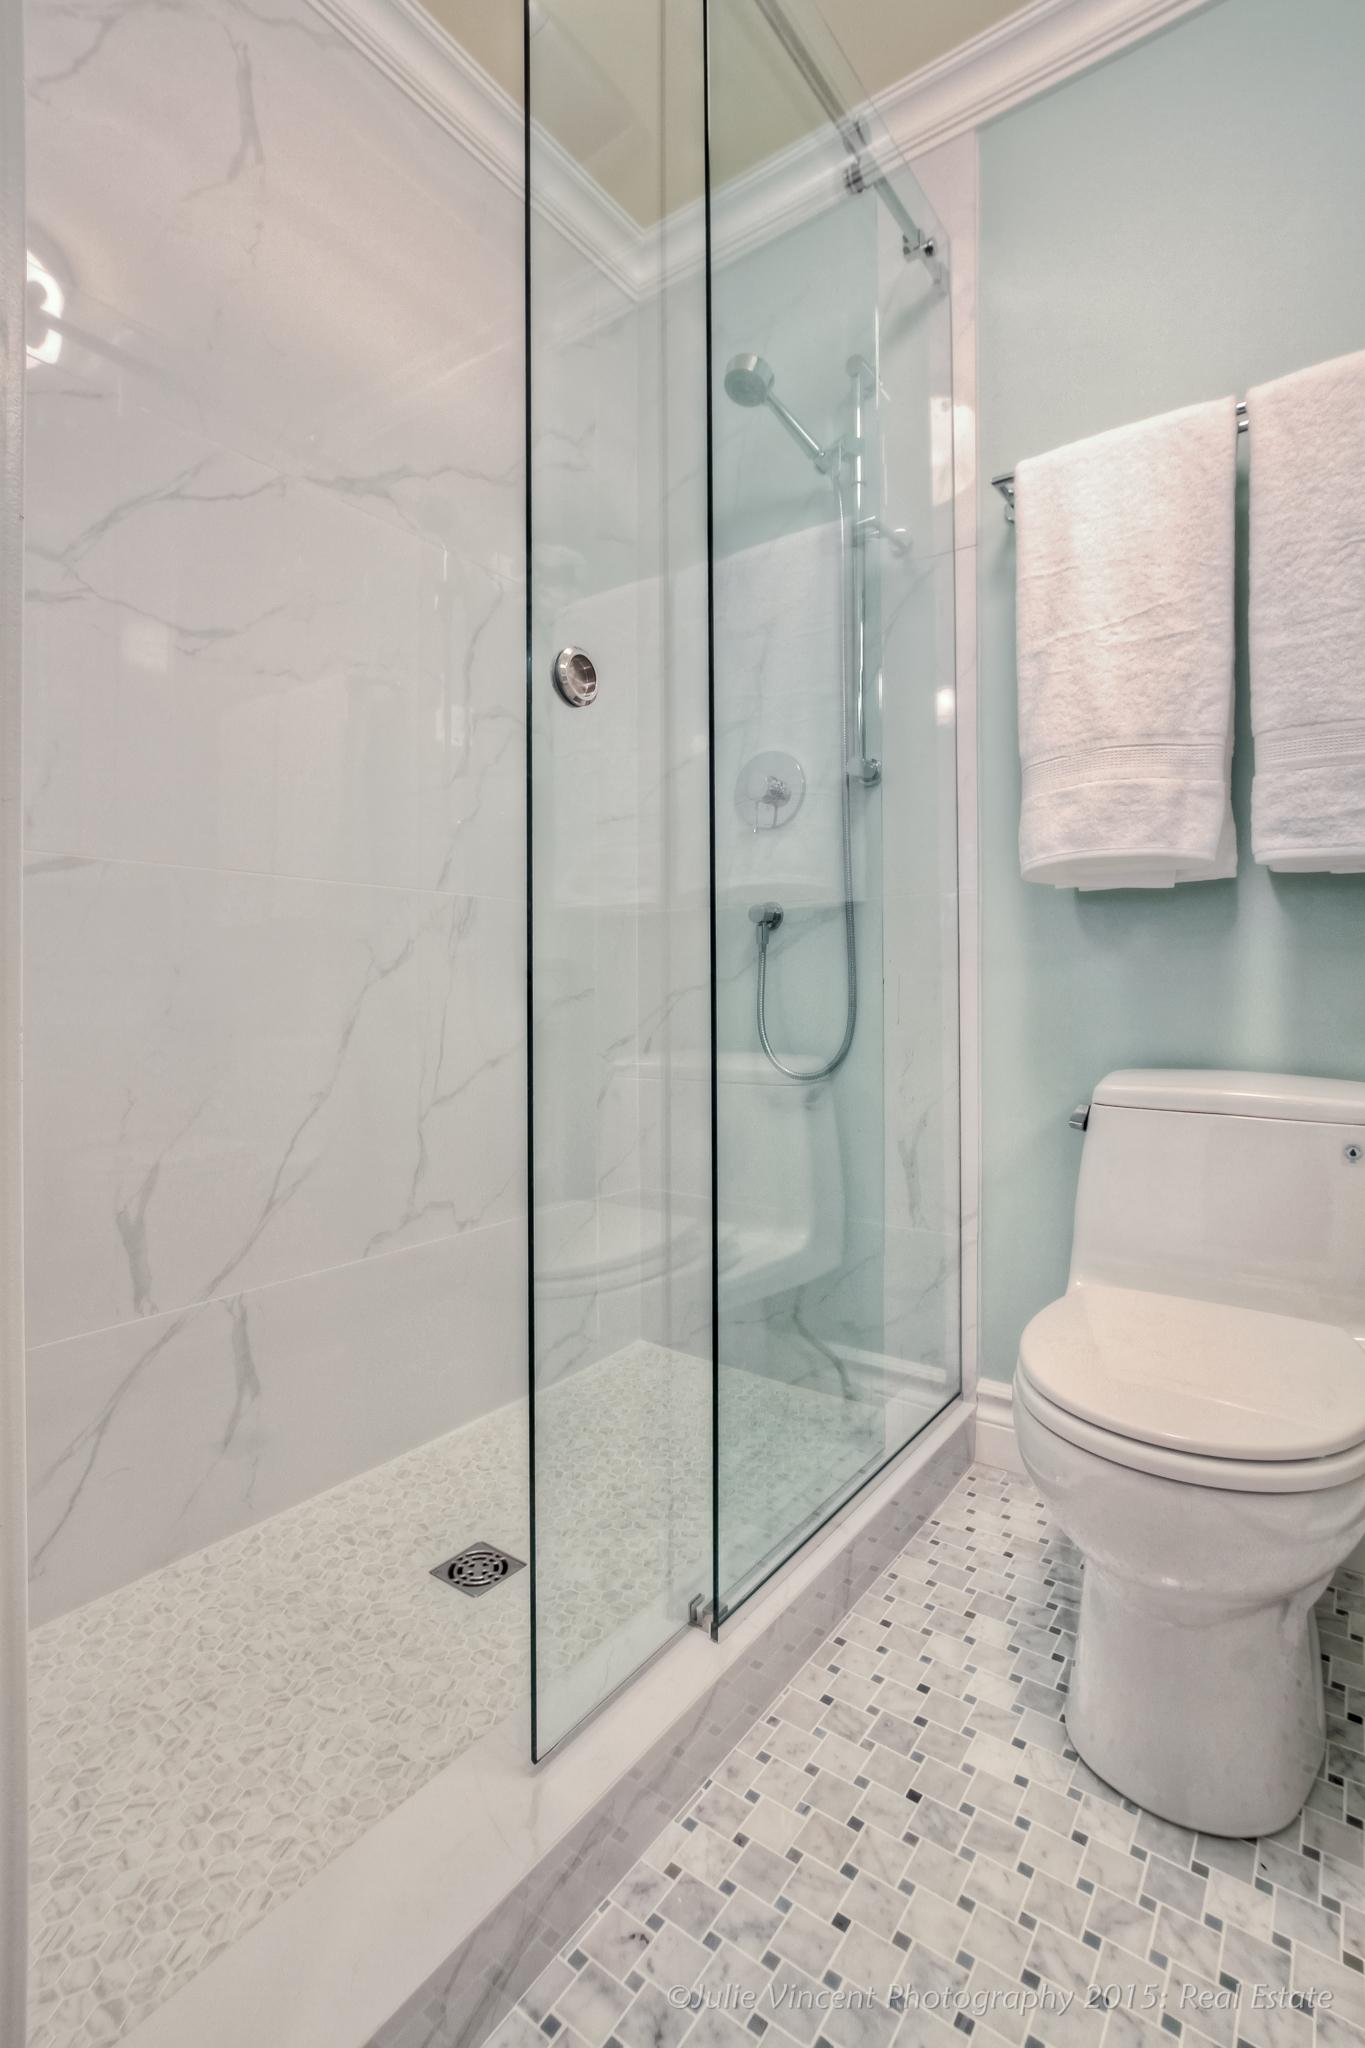 15-11-09, Amy's Bathrooms FINALS-9.jpg